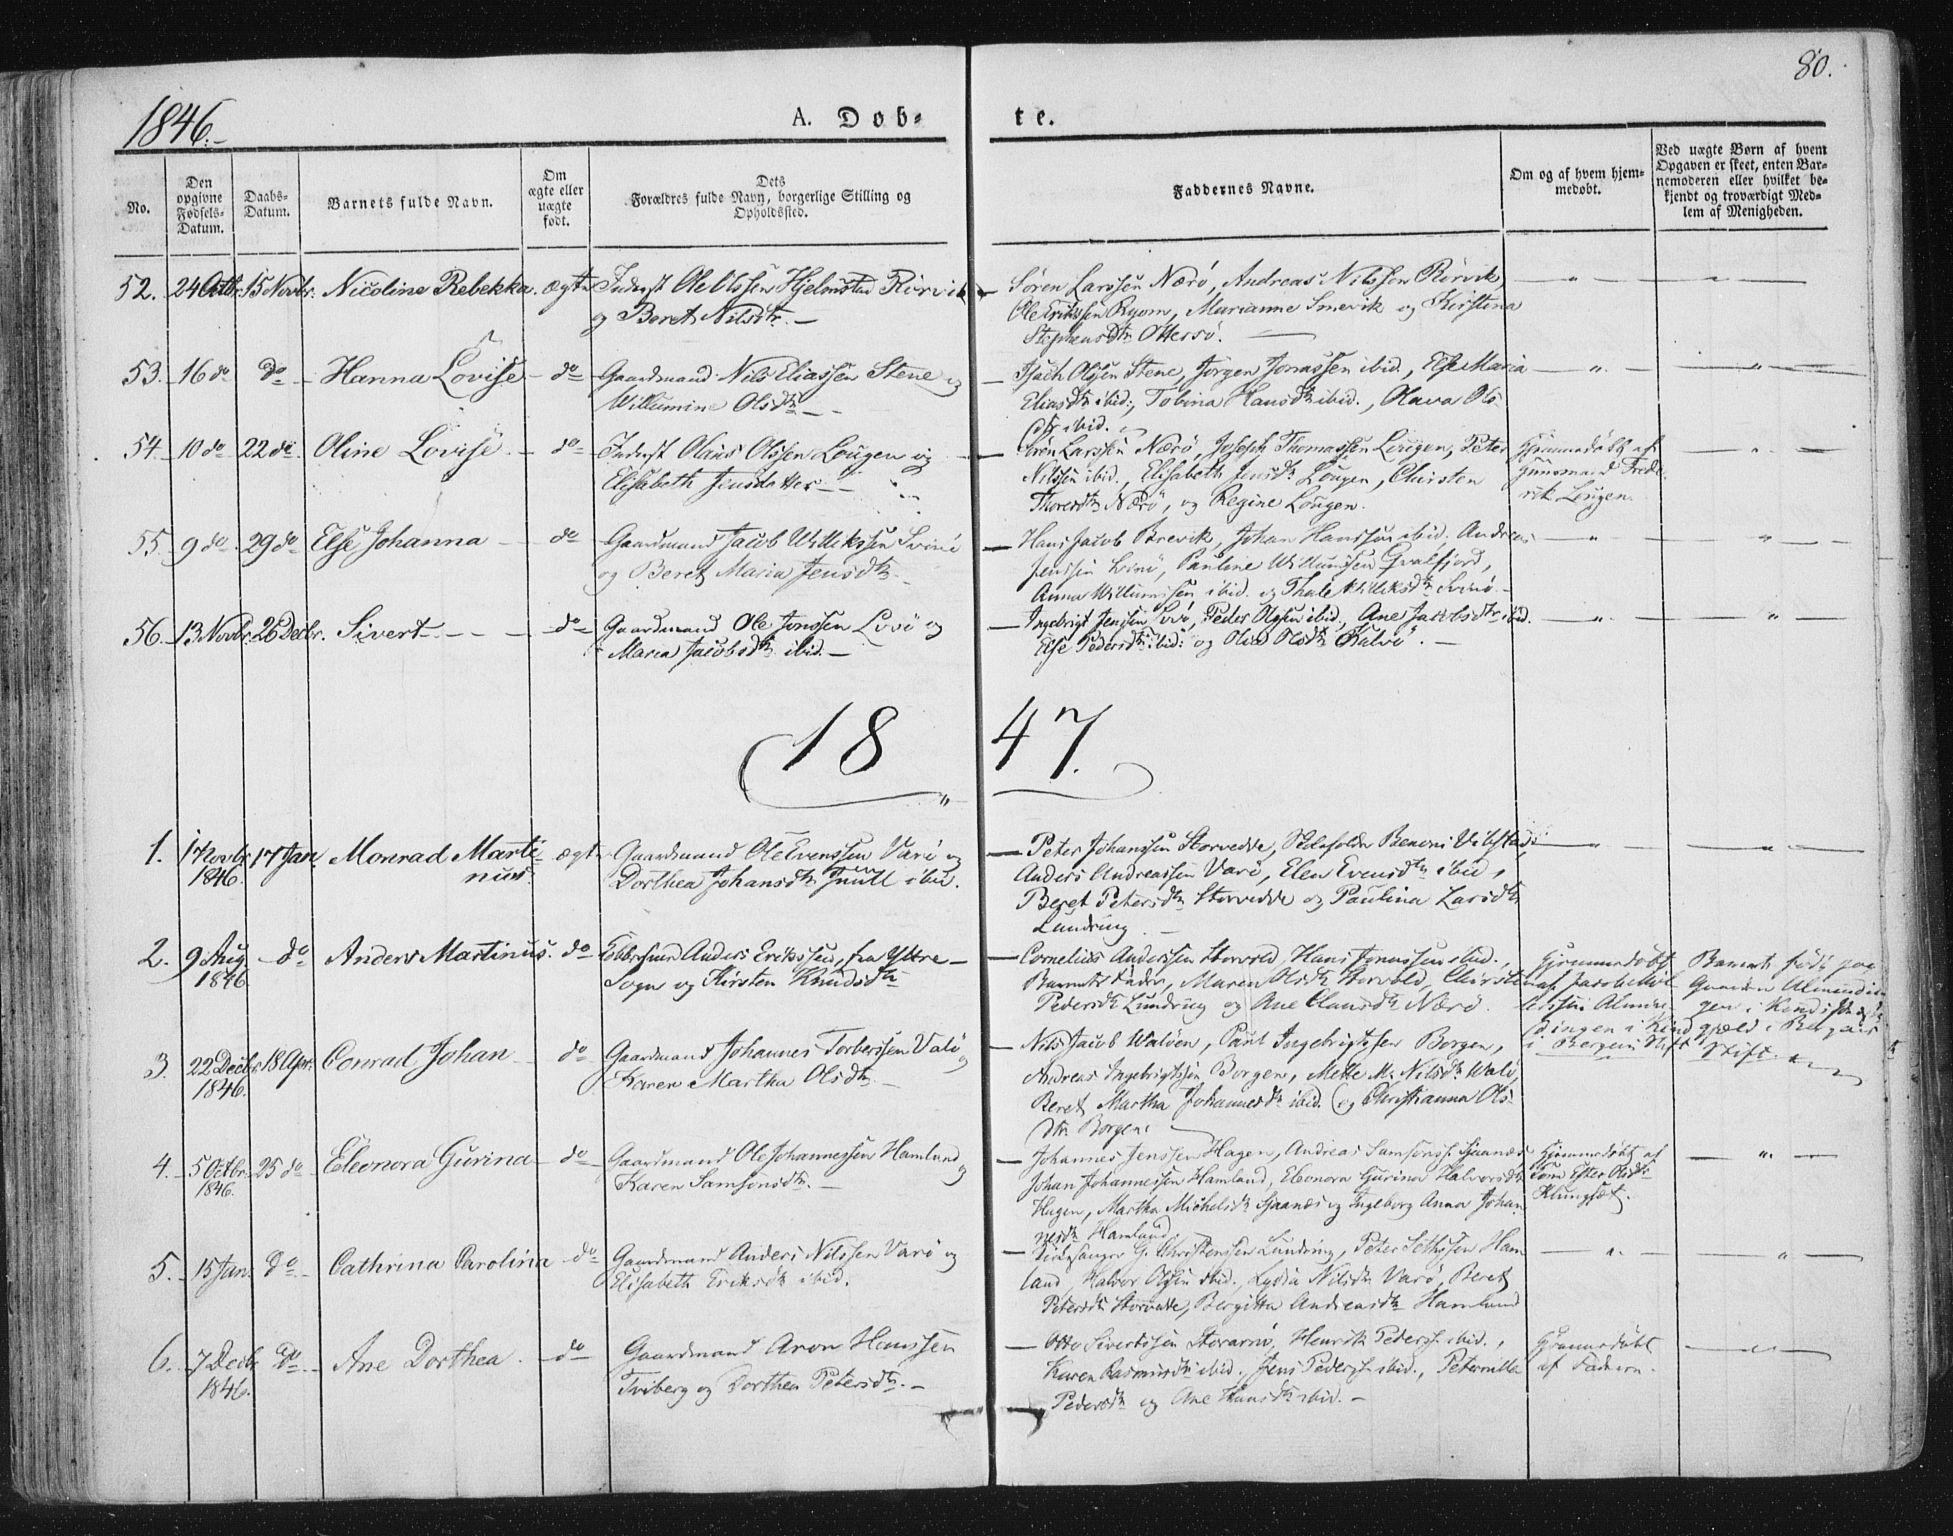 SAT, Ministerialprotokoller, klokkerbøker og fødselsregistre - Nord-Trøndelag, 784/L0669: Ministerialbok nr. 784A04, 1829-1859, s. 80